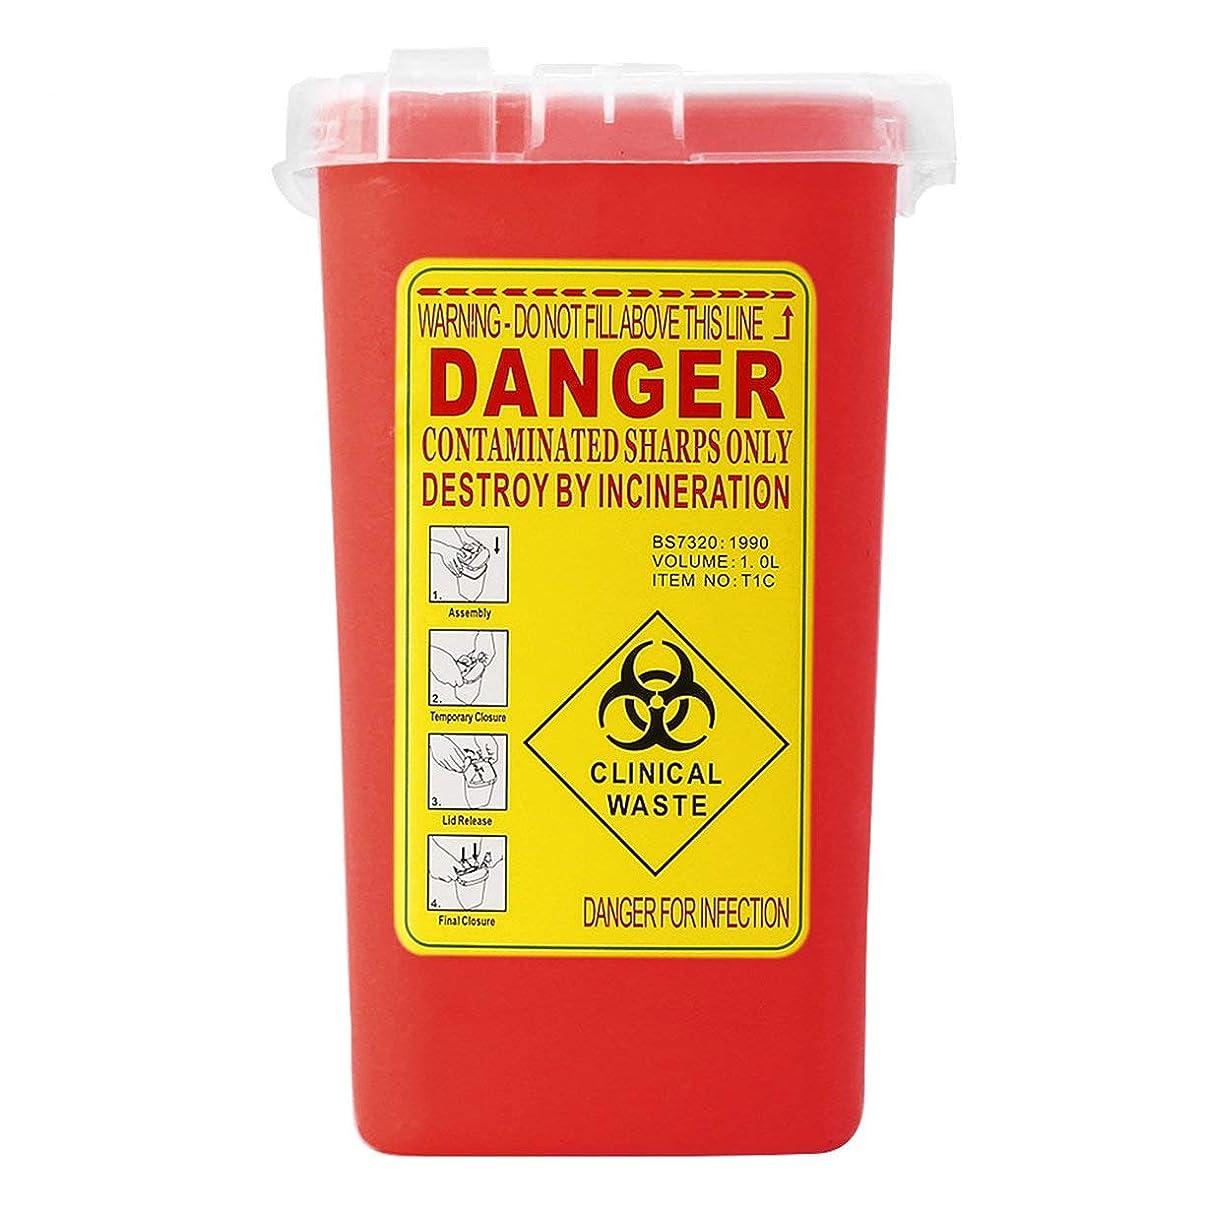 長いです八百屋さん櫛タトゥー医療プラスチックシャープコンテナバイオハザードニードル処分1Lサイズゴミ箱用感染廃棄物ボックス収納 - 赤